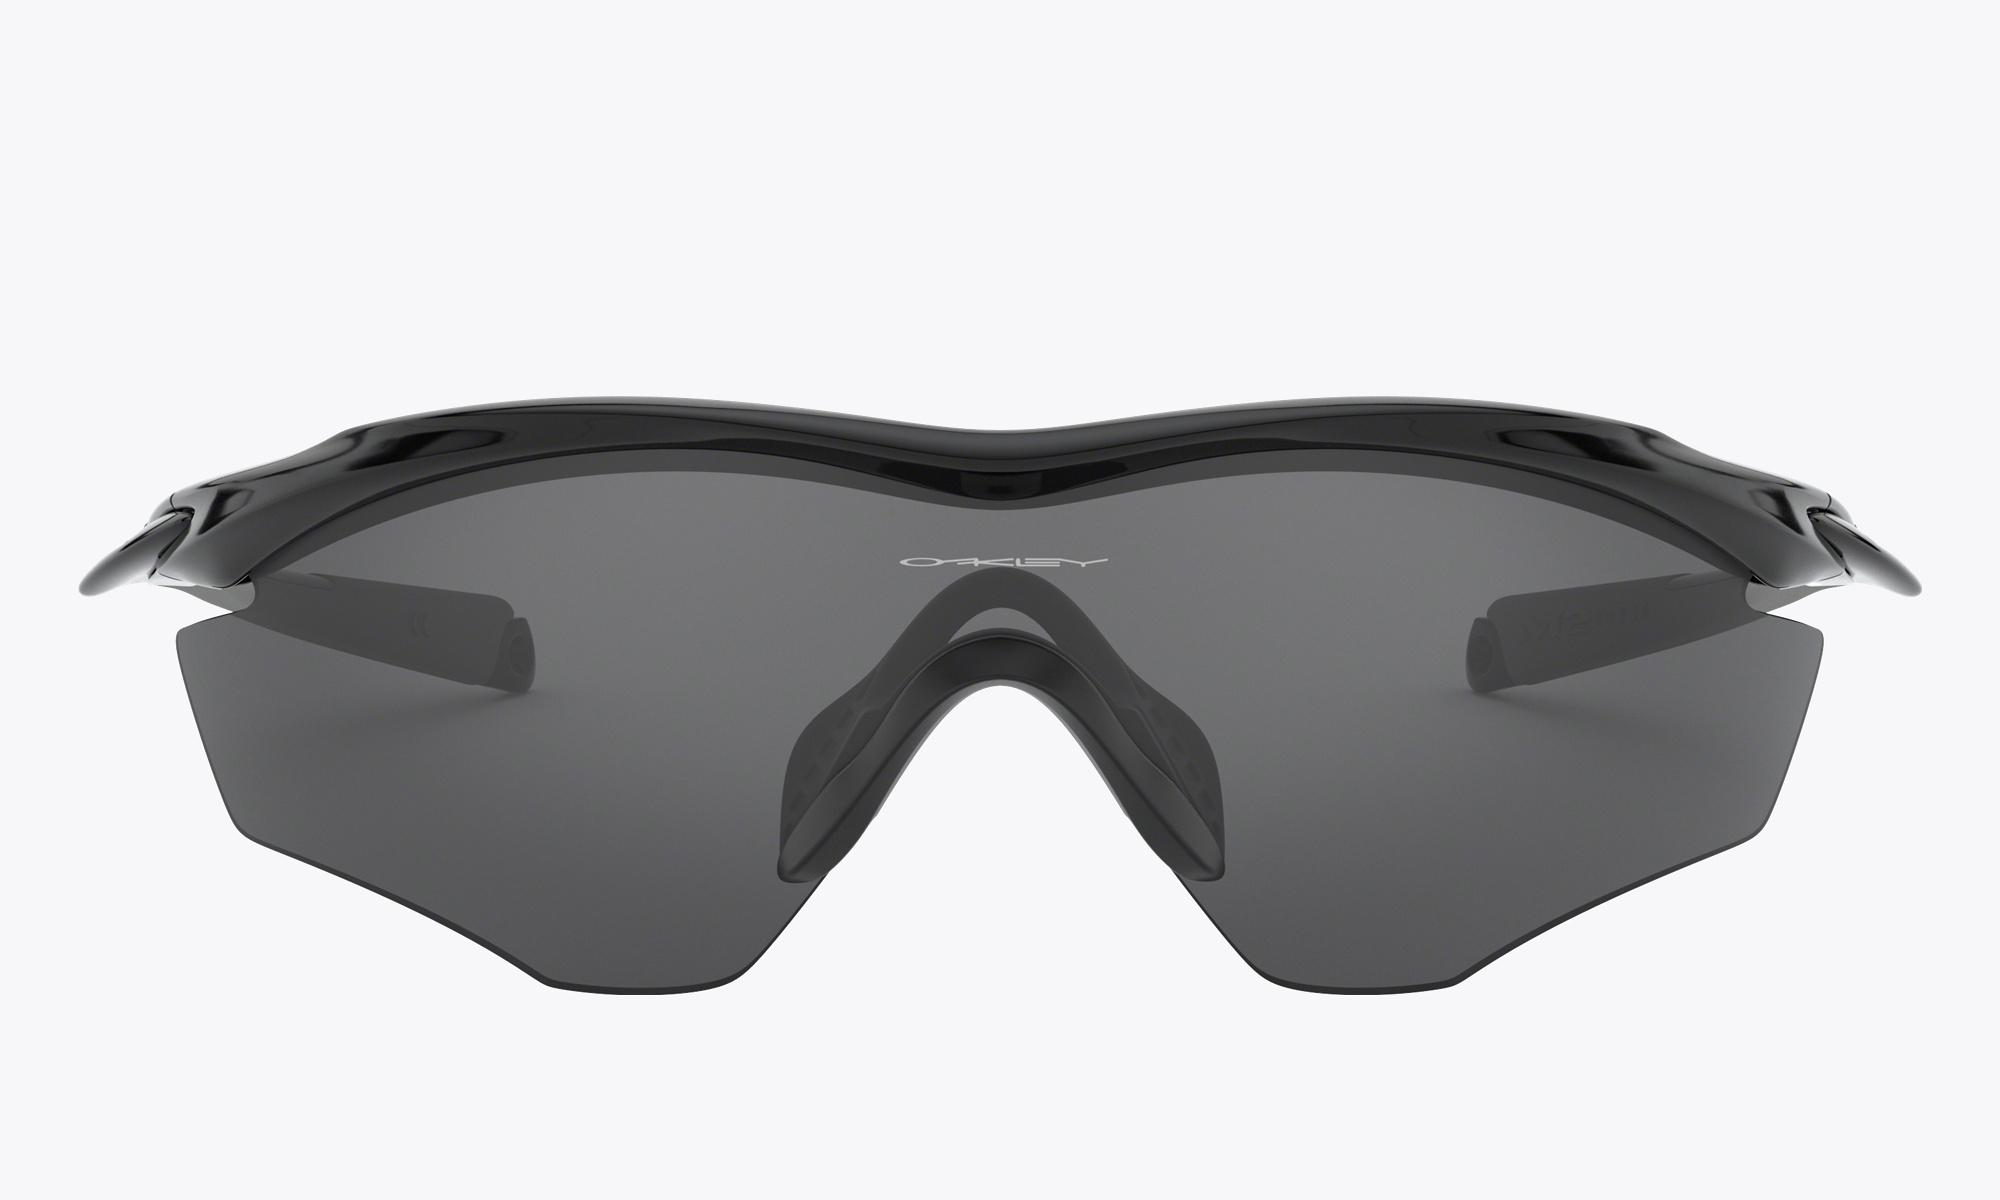 Image of Oakley M2 FRAME XL color Black